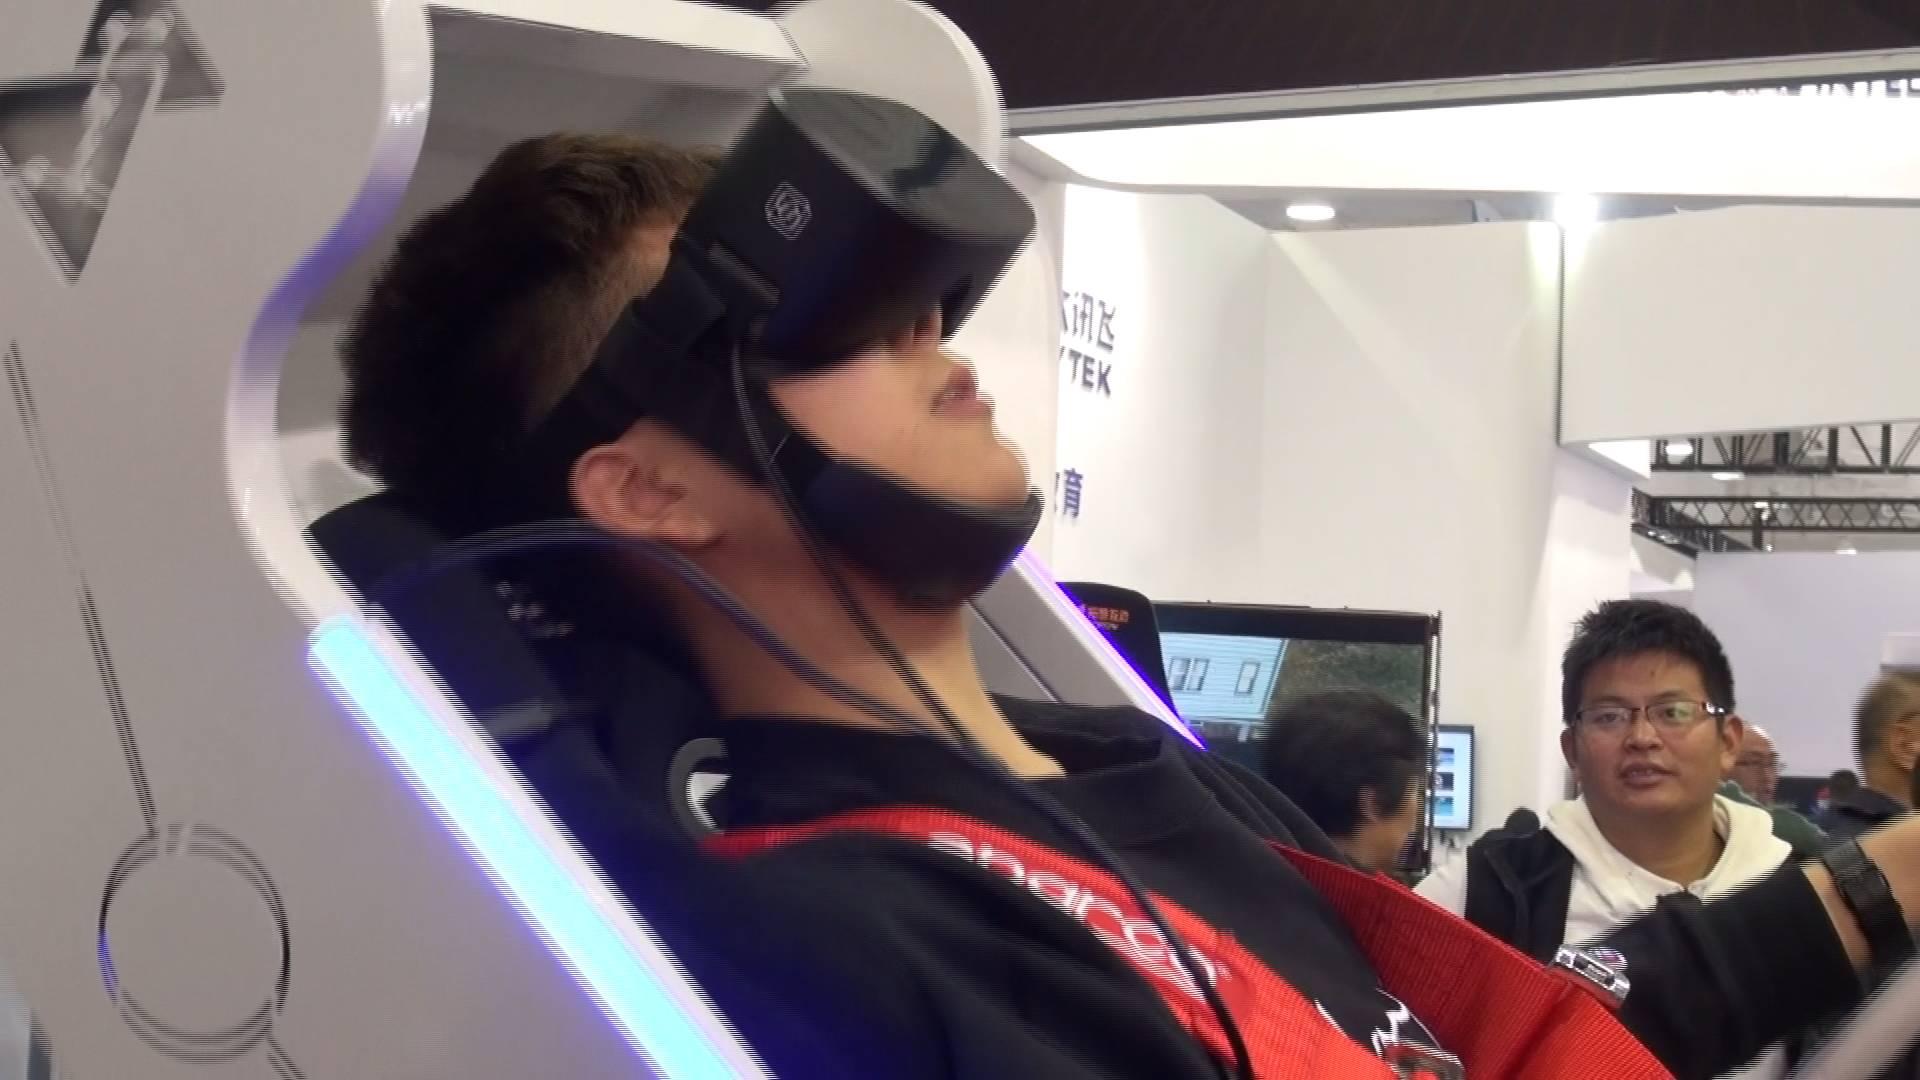 120秒|VR+:来山东省文博会现场,感受不一样的世界